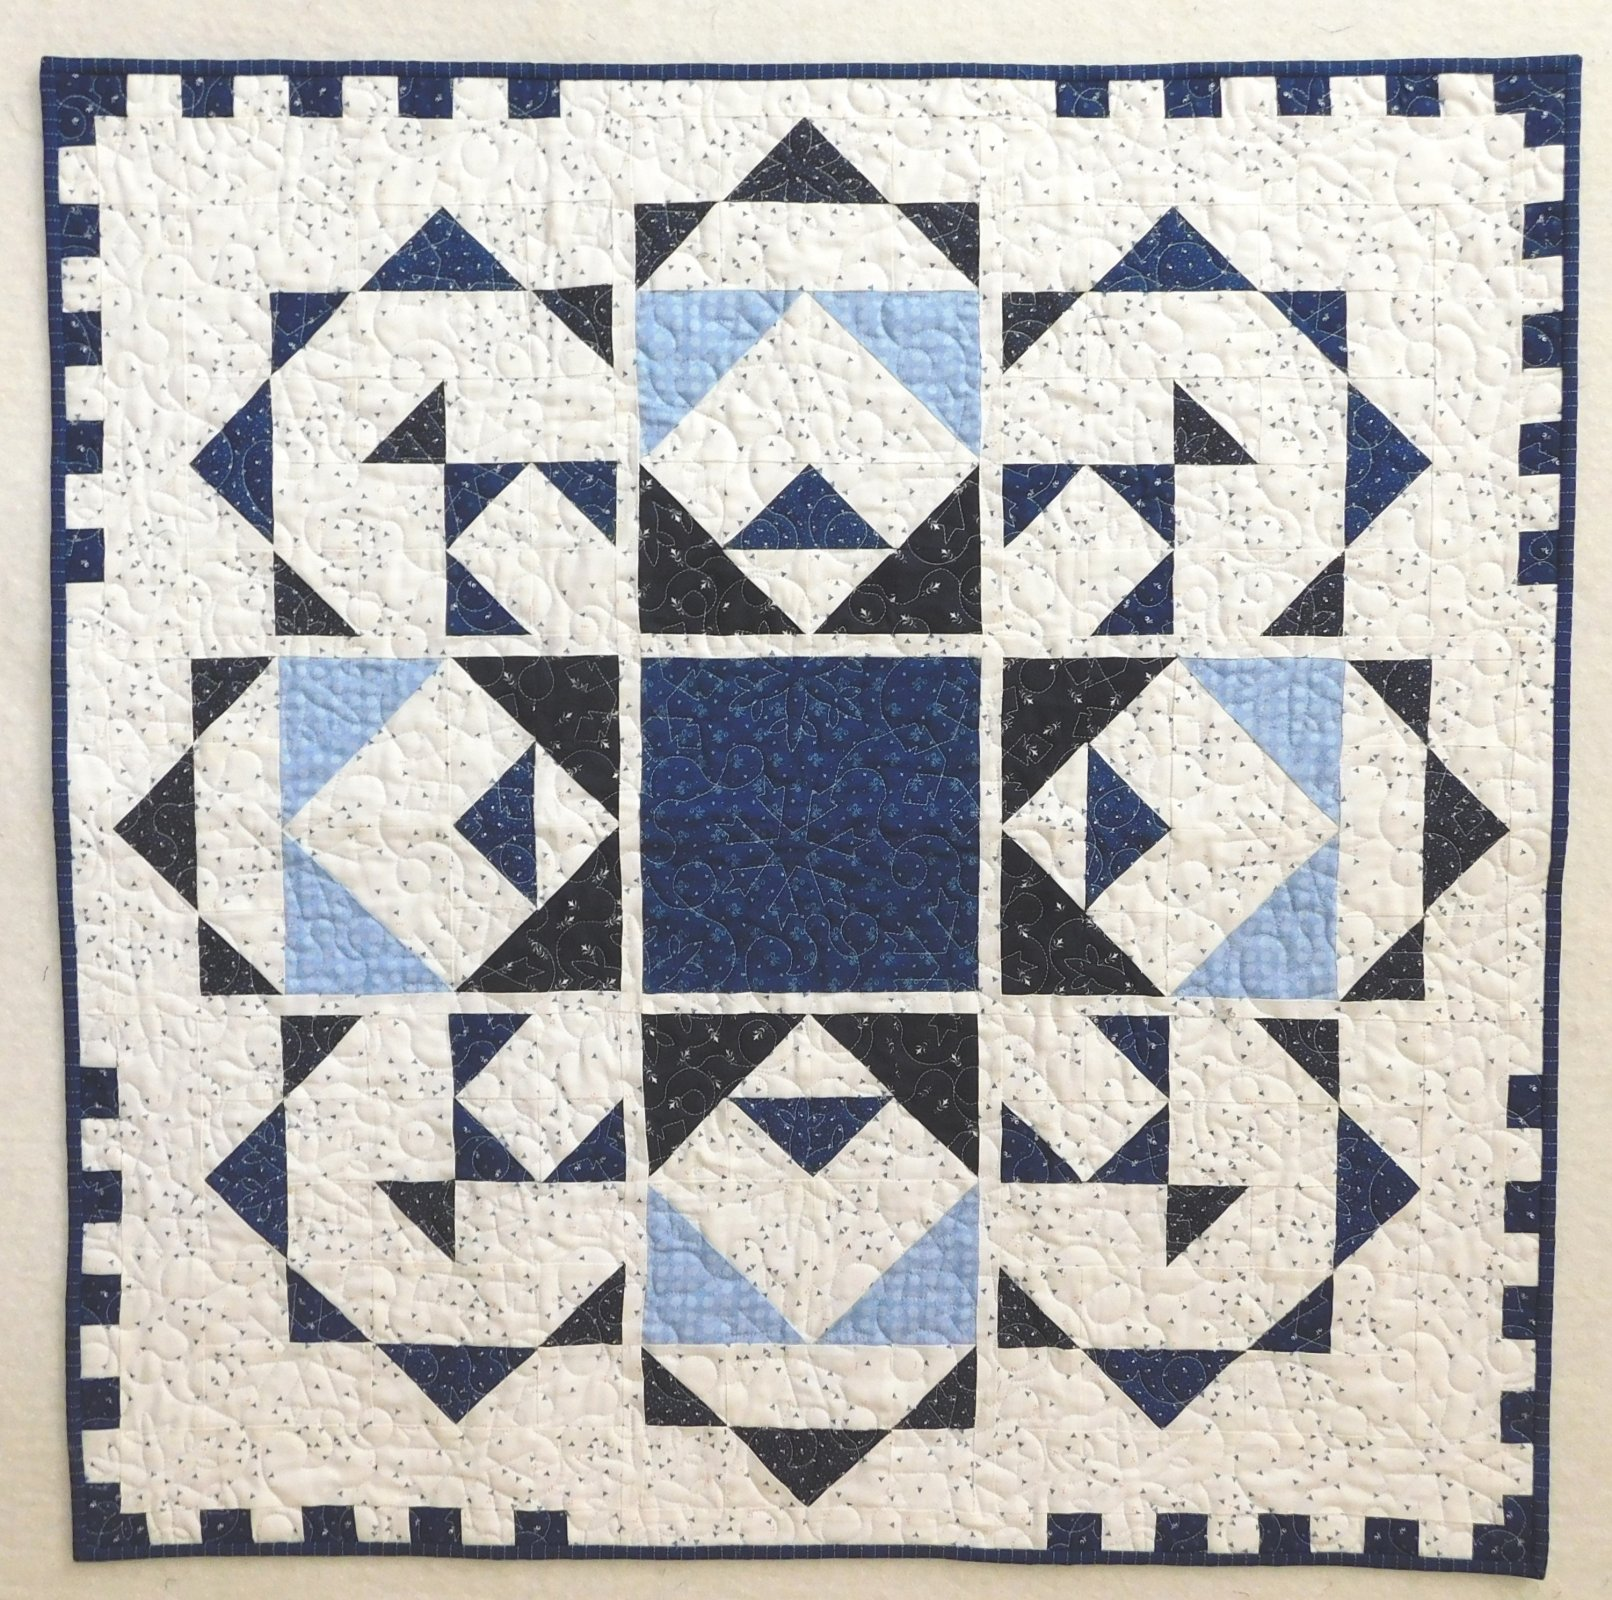 Jack Frost Quilt Kit 35 1/2 x 35 1/2